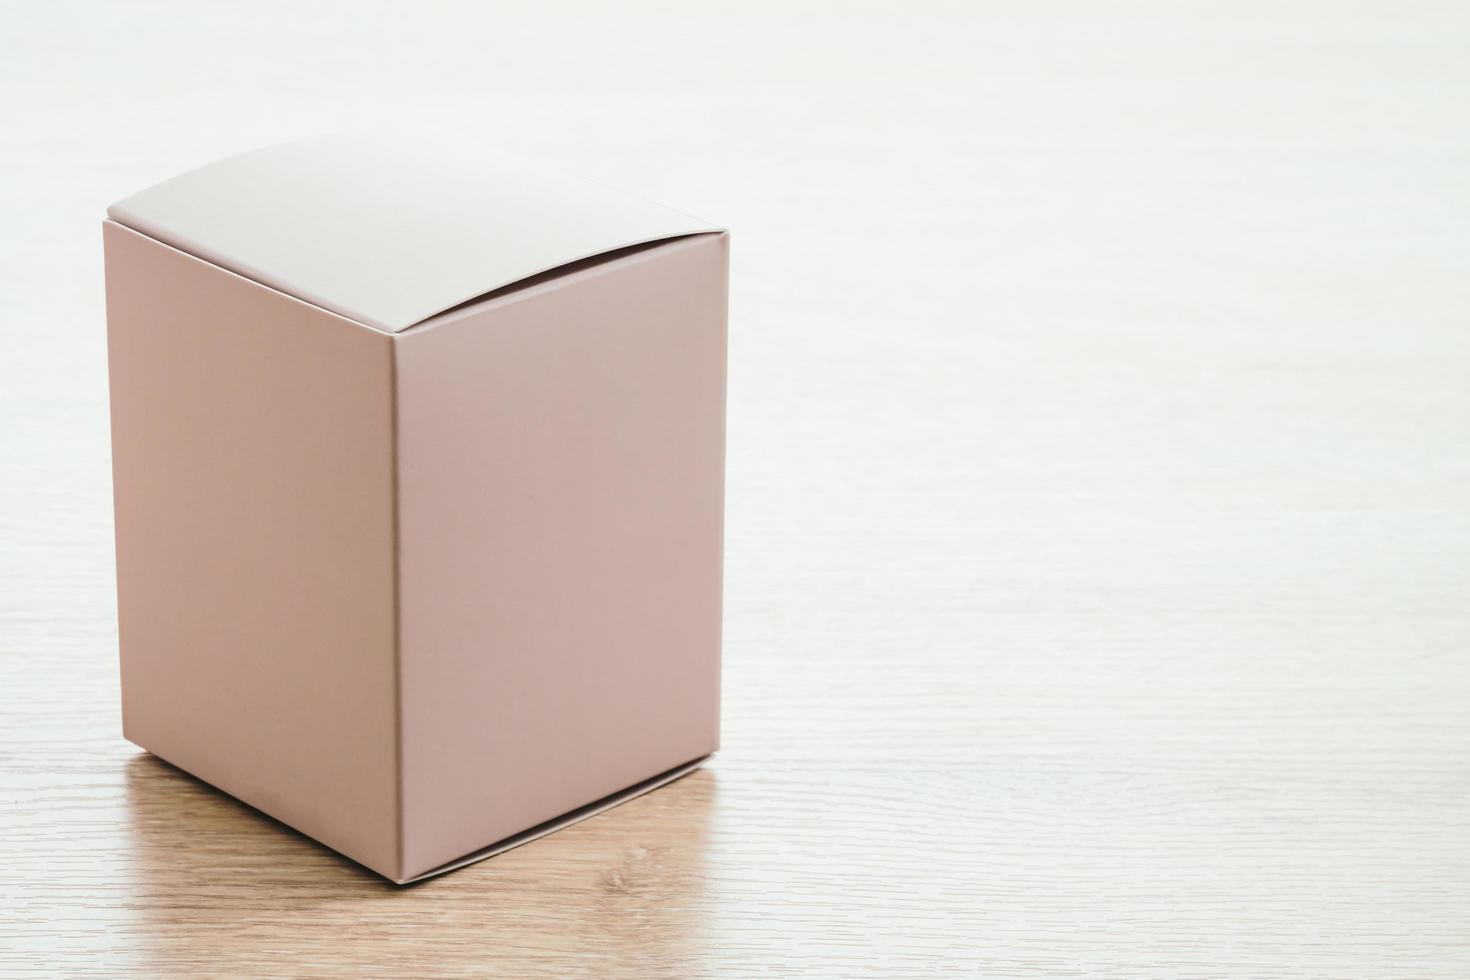 maquette de boîte de papier photo